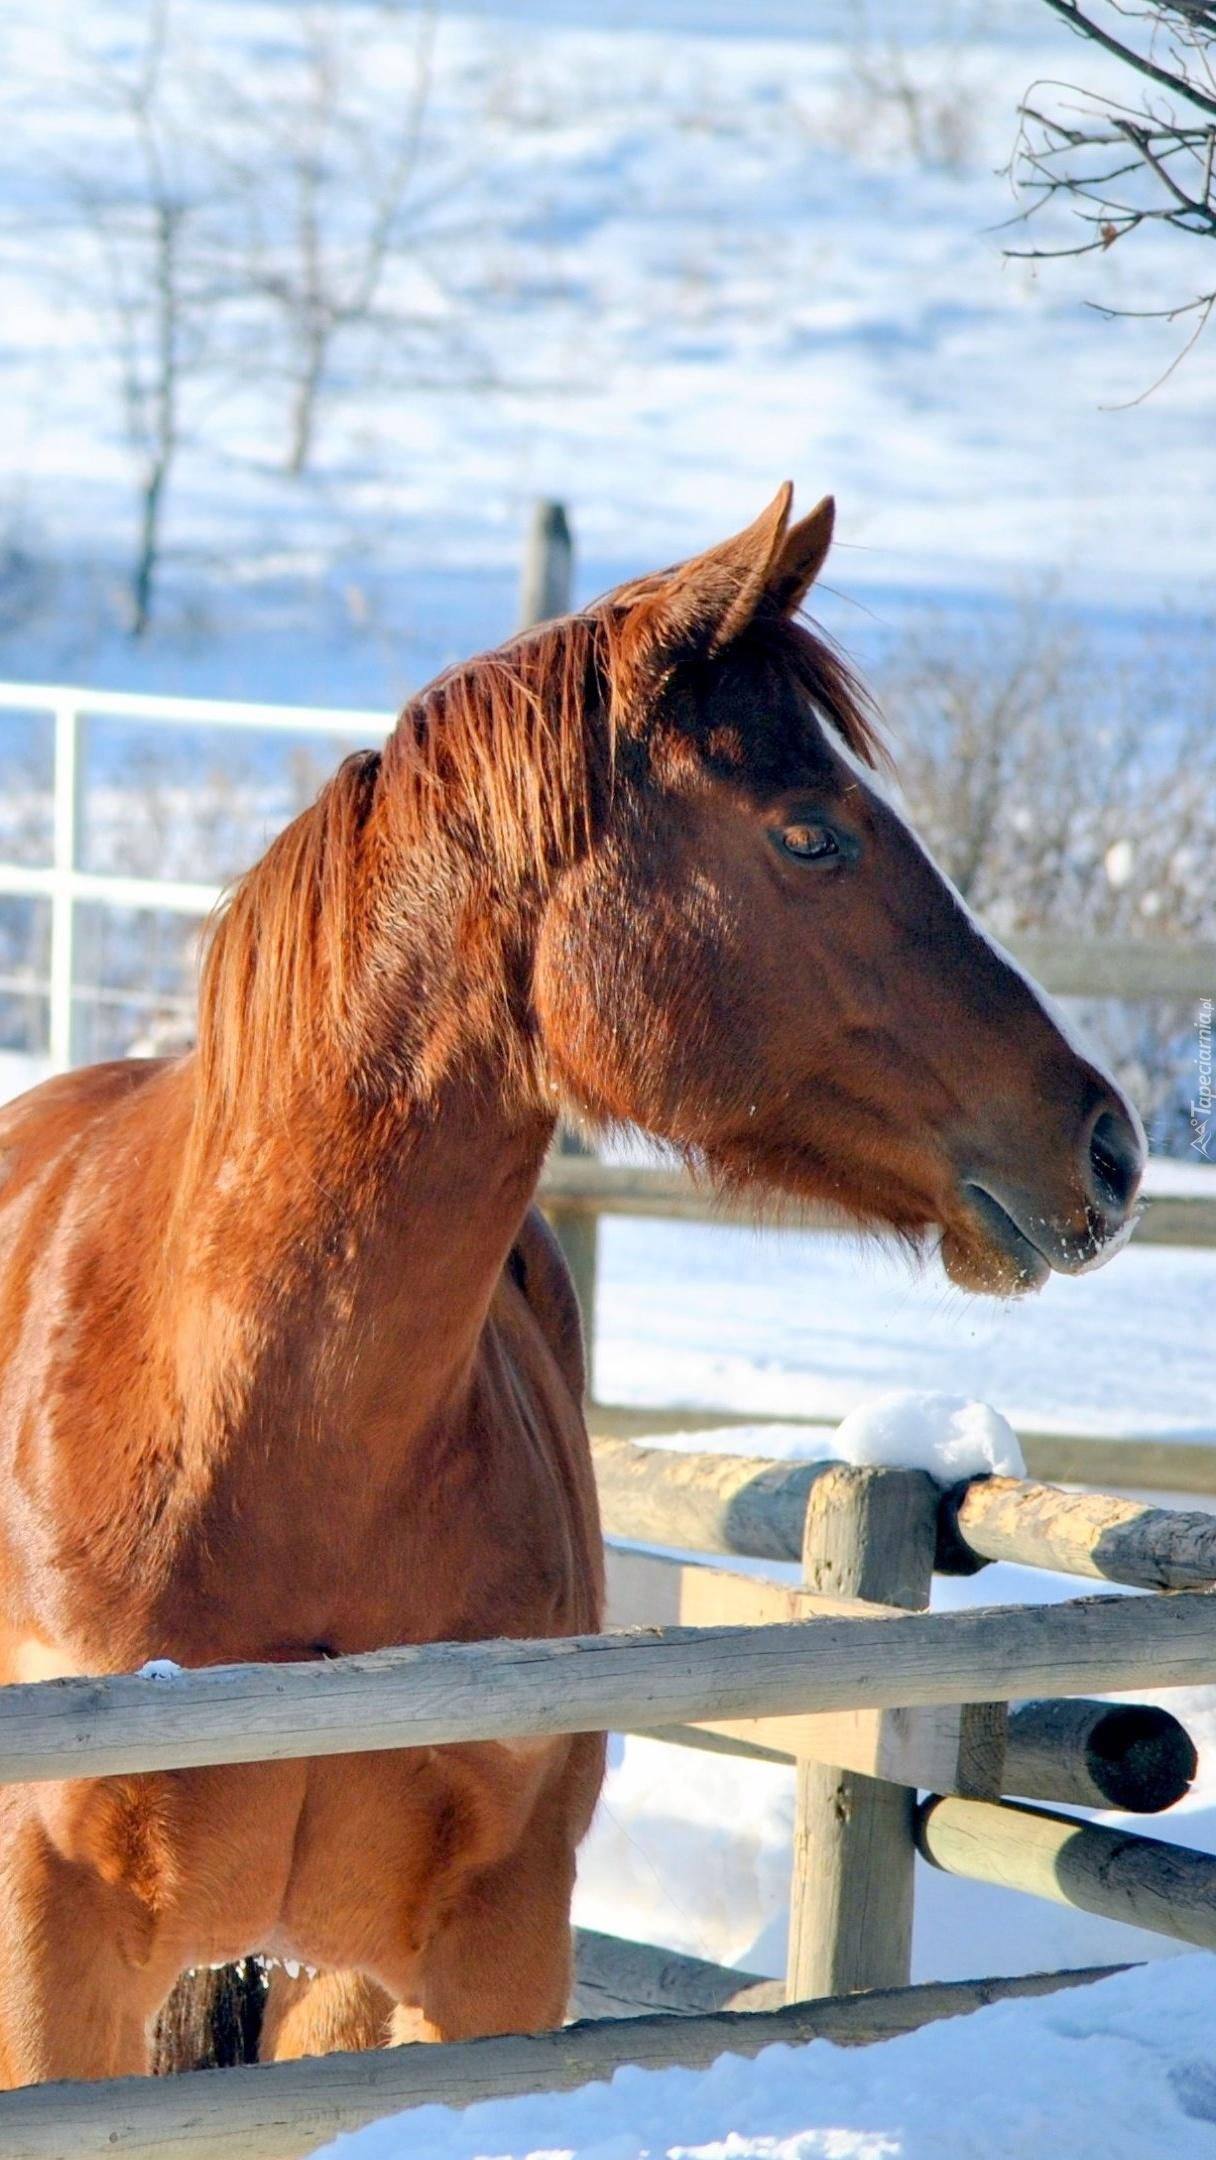 Koń w zagrodzie zimą